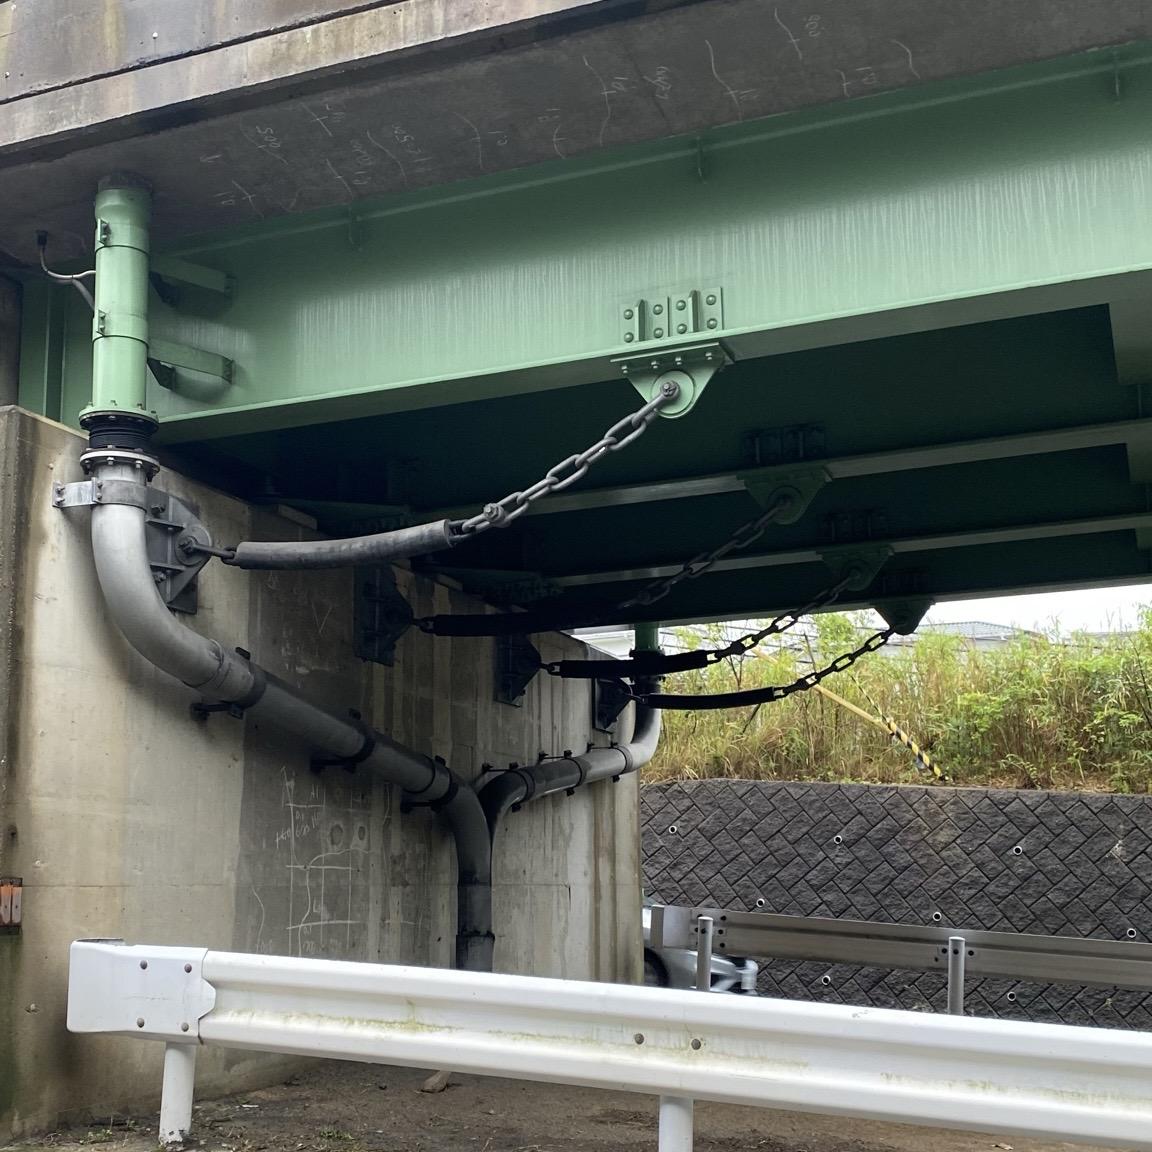 災害時の対策として橋の裏側の緩衝チェーンについてインフルエンサーが取材